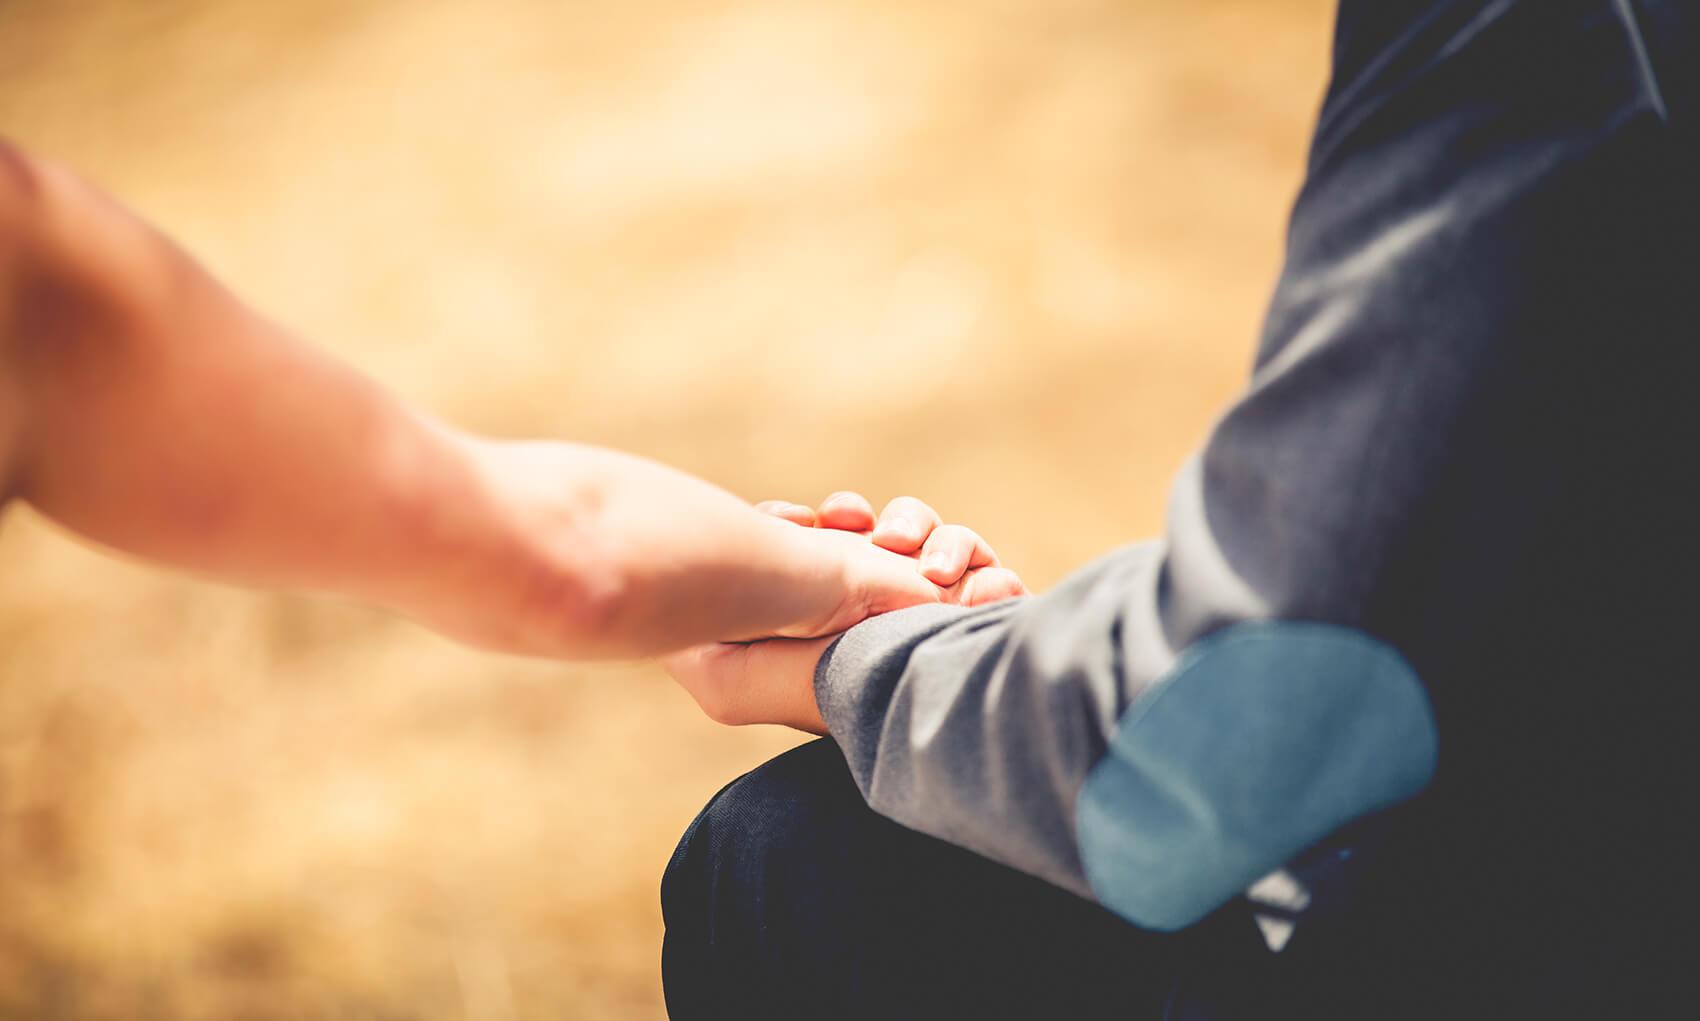 L'hypnose m'a aidé à rencontrer mon partenaire idéal